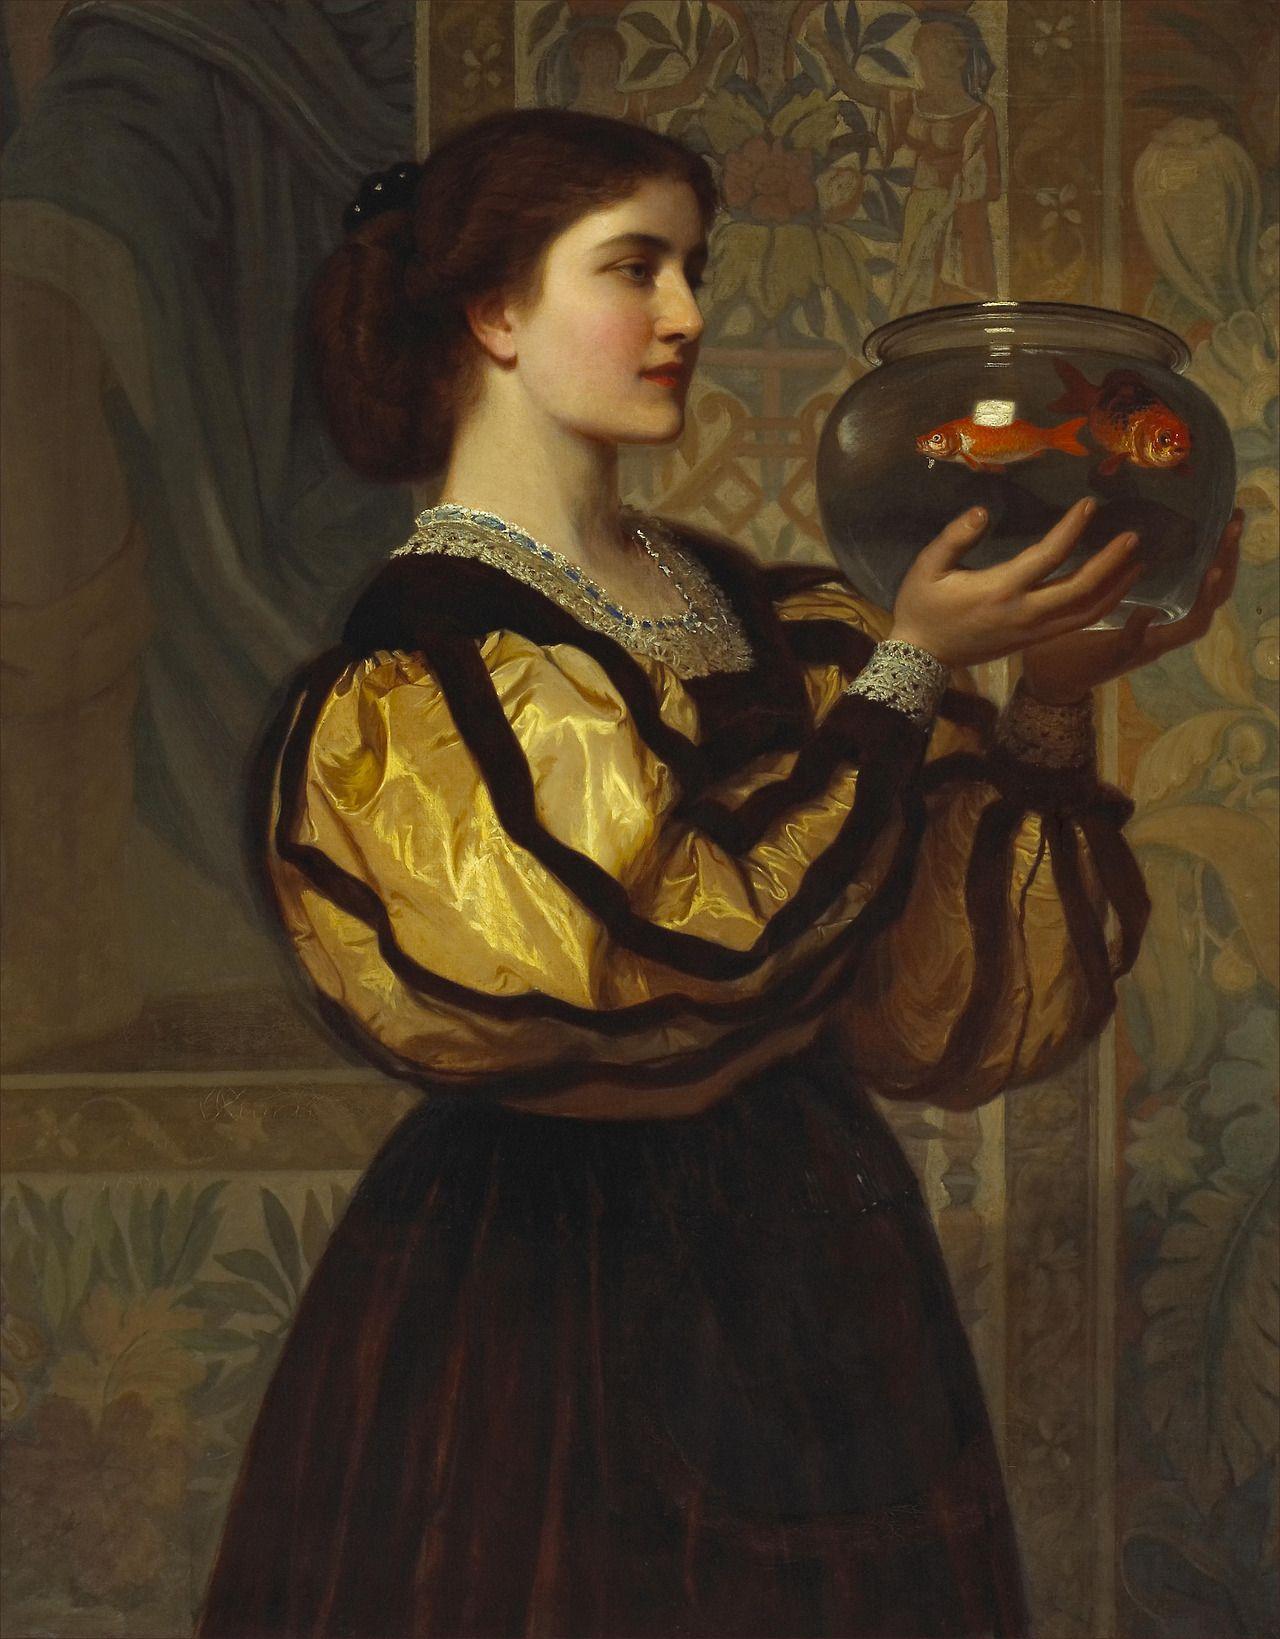 Charles Edward Perugini - The goldfish bowl, 1870